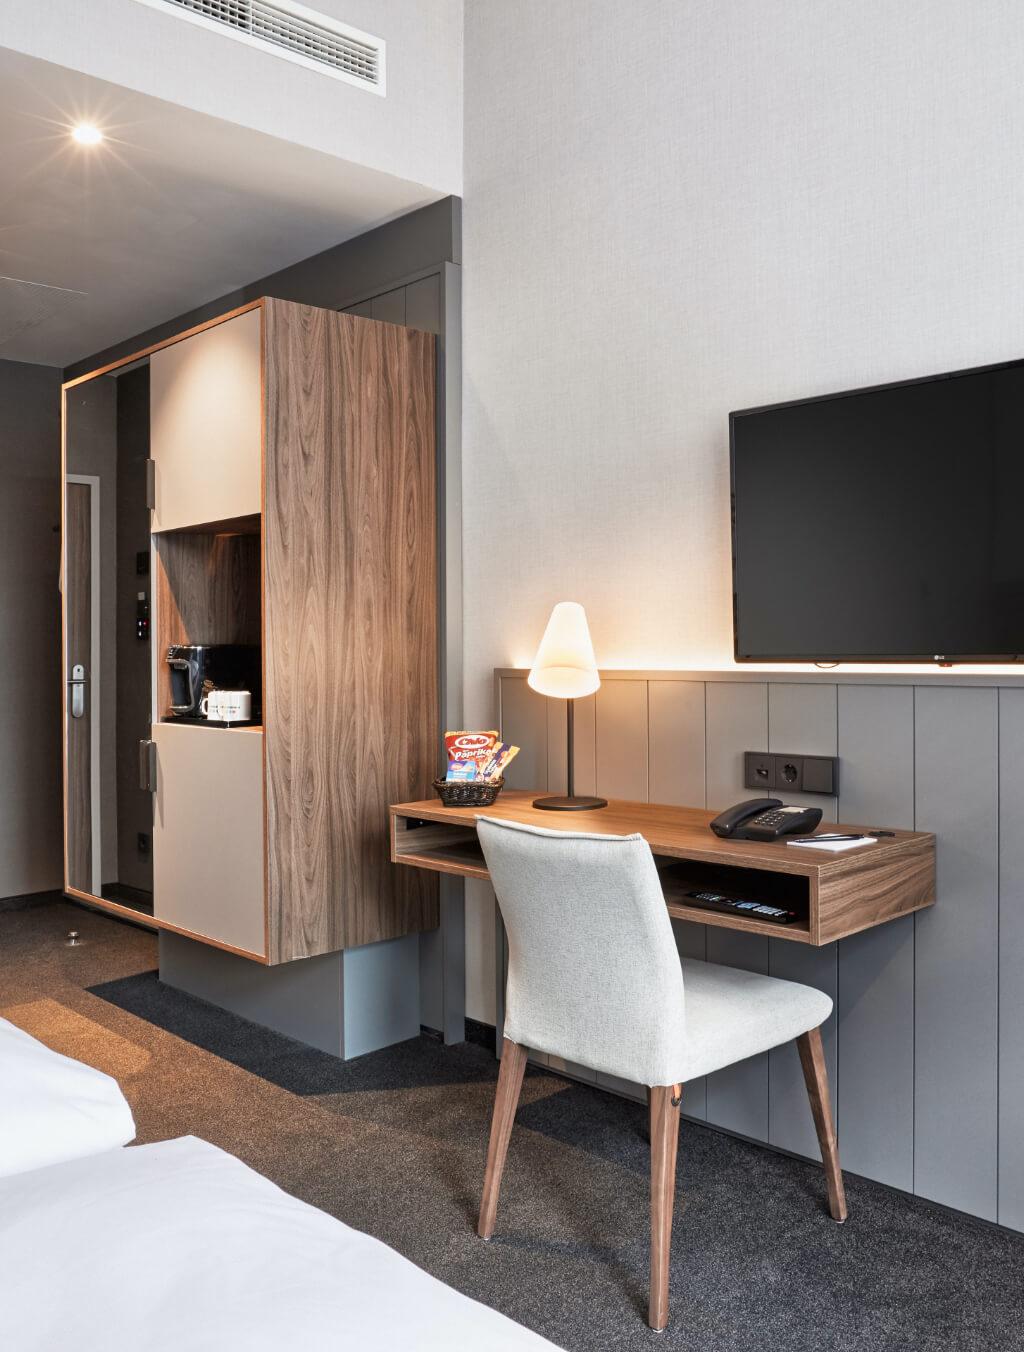 h-hotels_zimmer-komfort-kingzimmer-05-hplus-hotel-bremen_Original-kommerz.-Nutzung-_0c0fdef0@2x